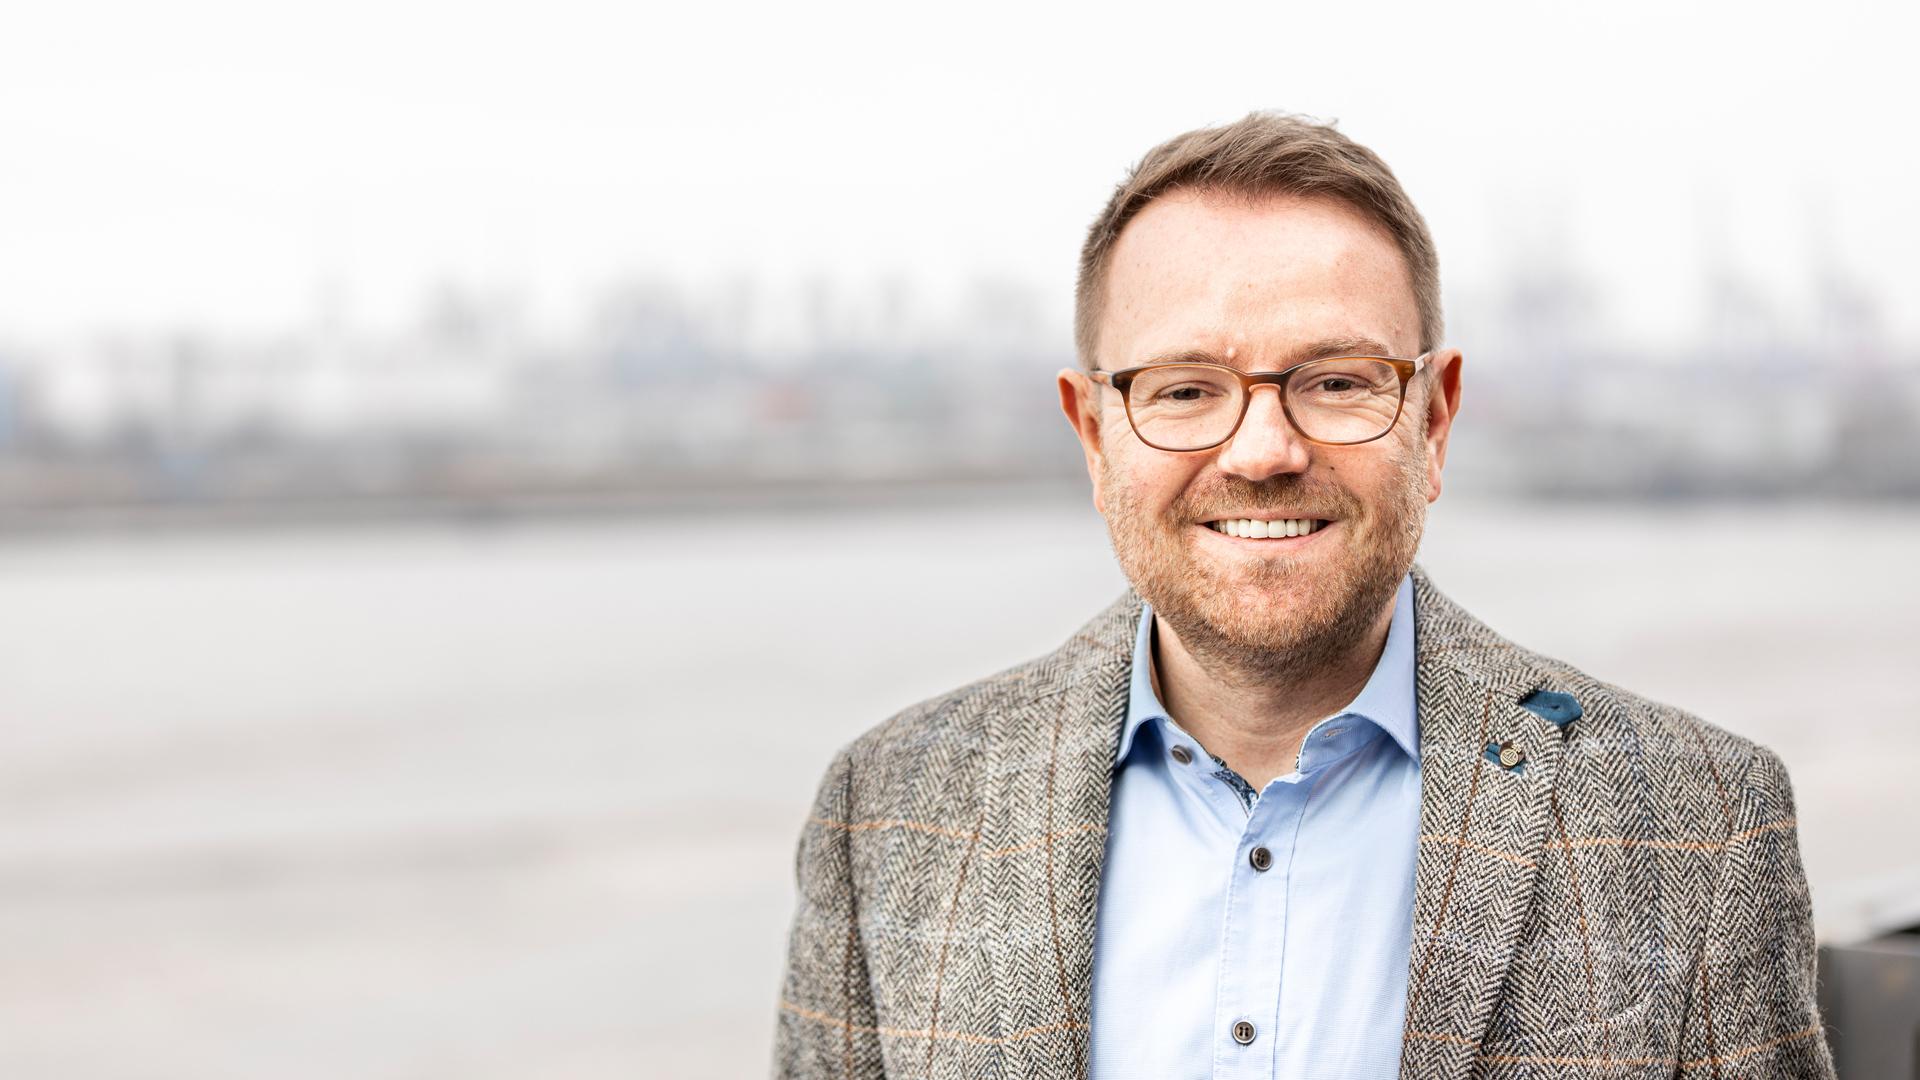 Christian Roth ist Lotse, Leuchtturm und Guide, um Organisationen Richtung Zukunft zu führen